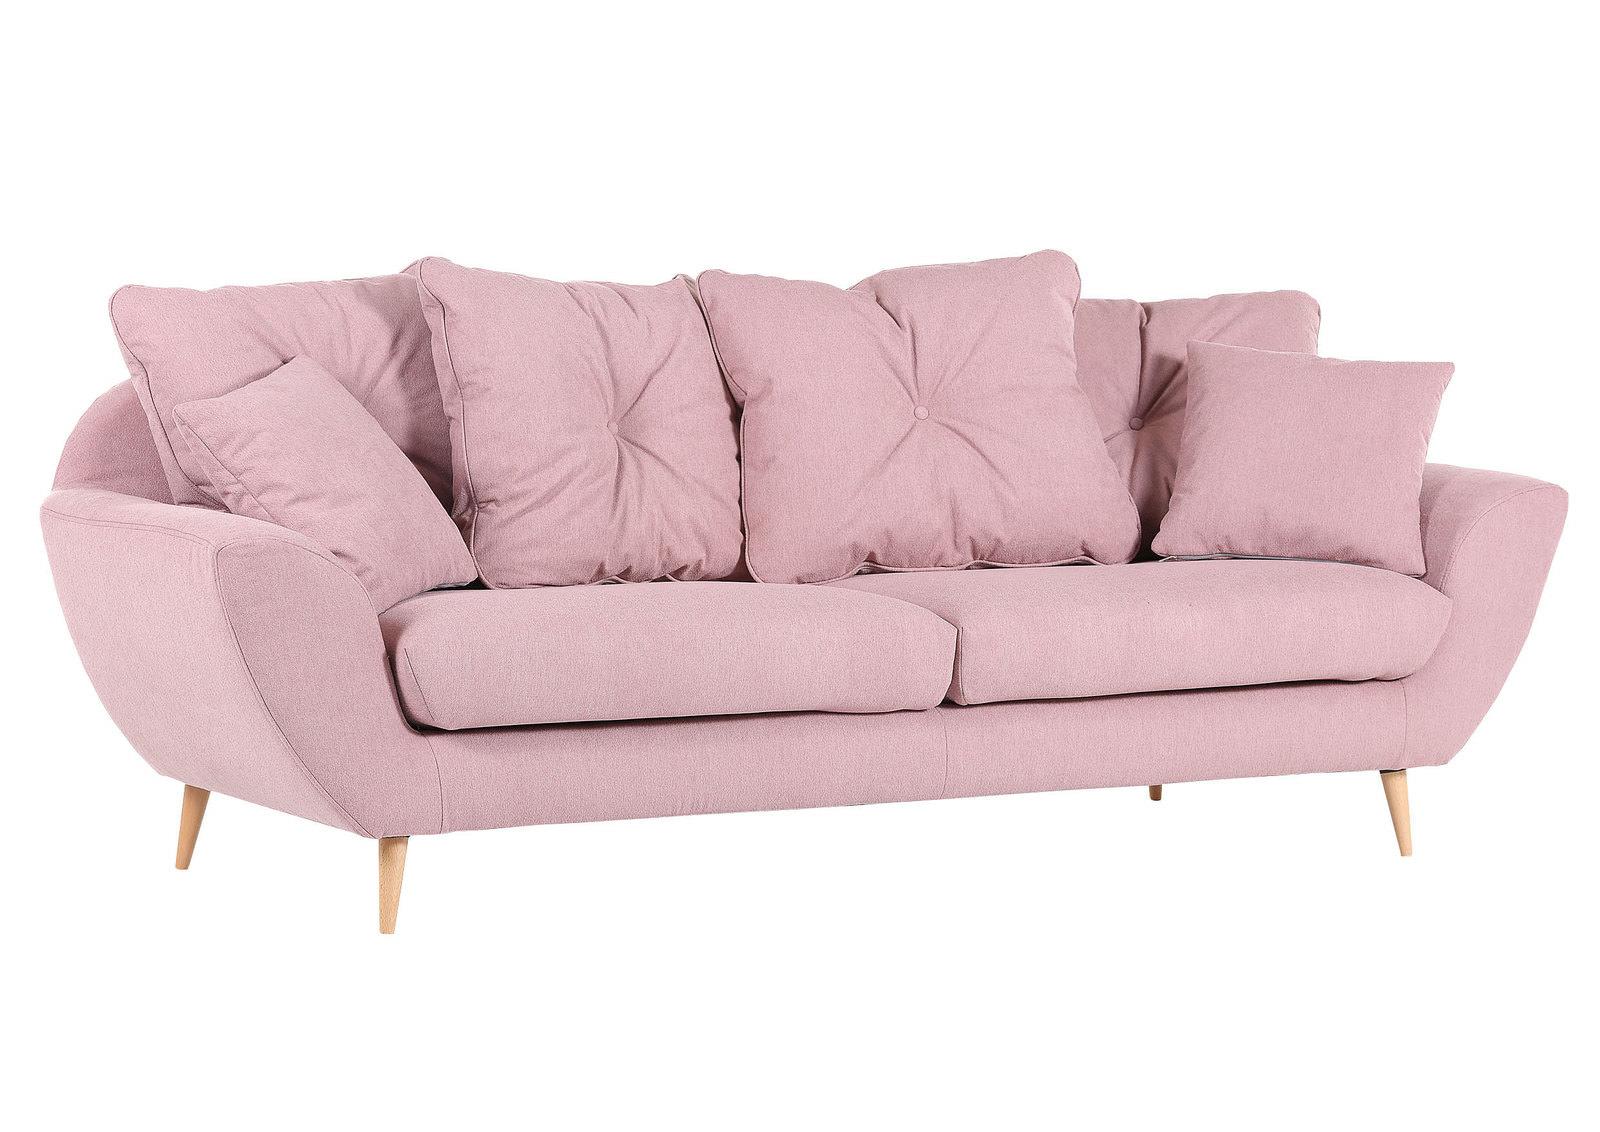 mega sofa ana white table online entdecken schaffrath ihr möbelhaus